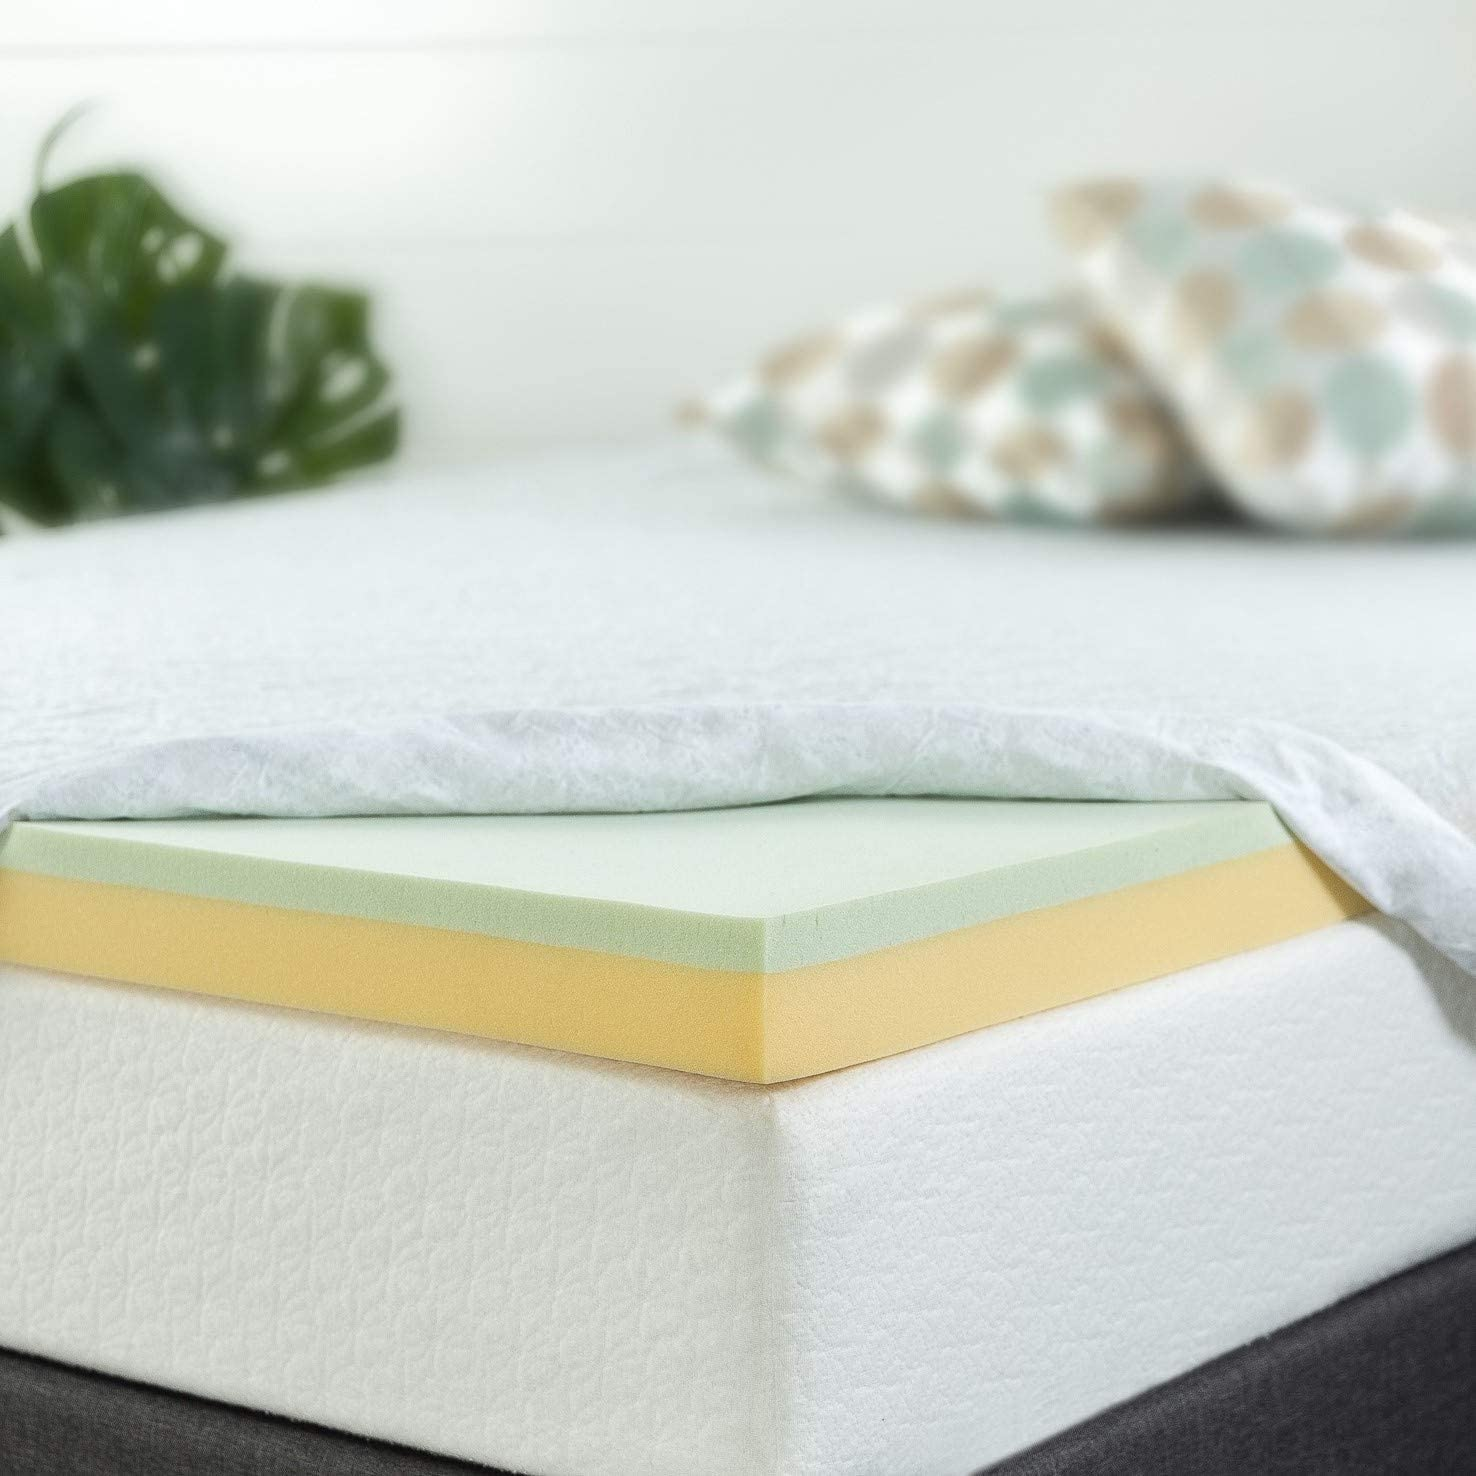 Topper Tấm Tiện Nghi Trà Xanh Gel Mát Làm Mềm Nệm Cao Cấp Zinus - Green Tea Memory Foam 160*200*7.5cm